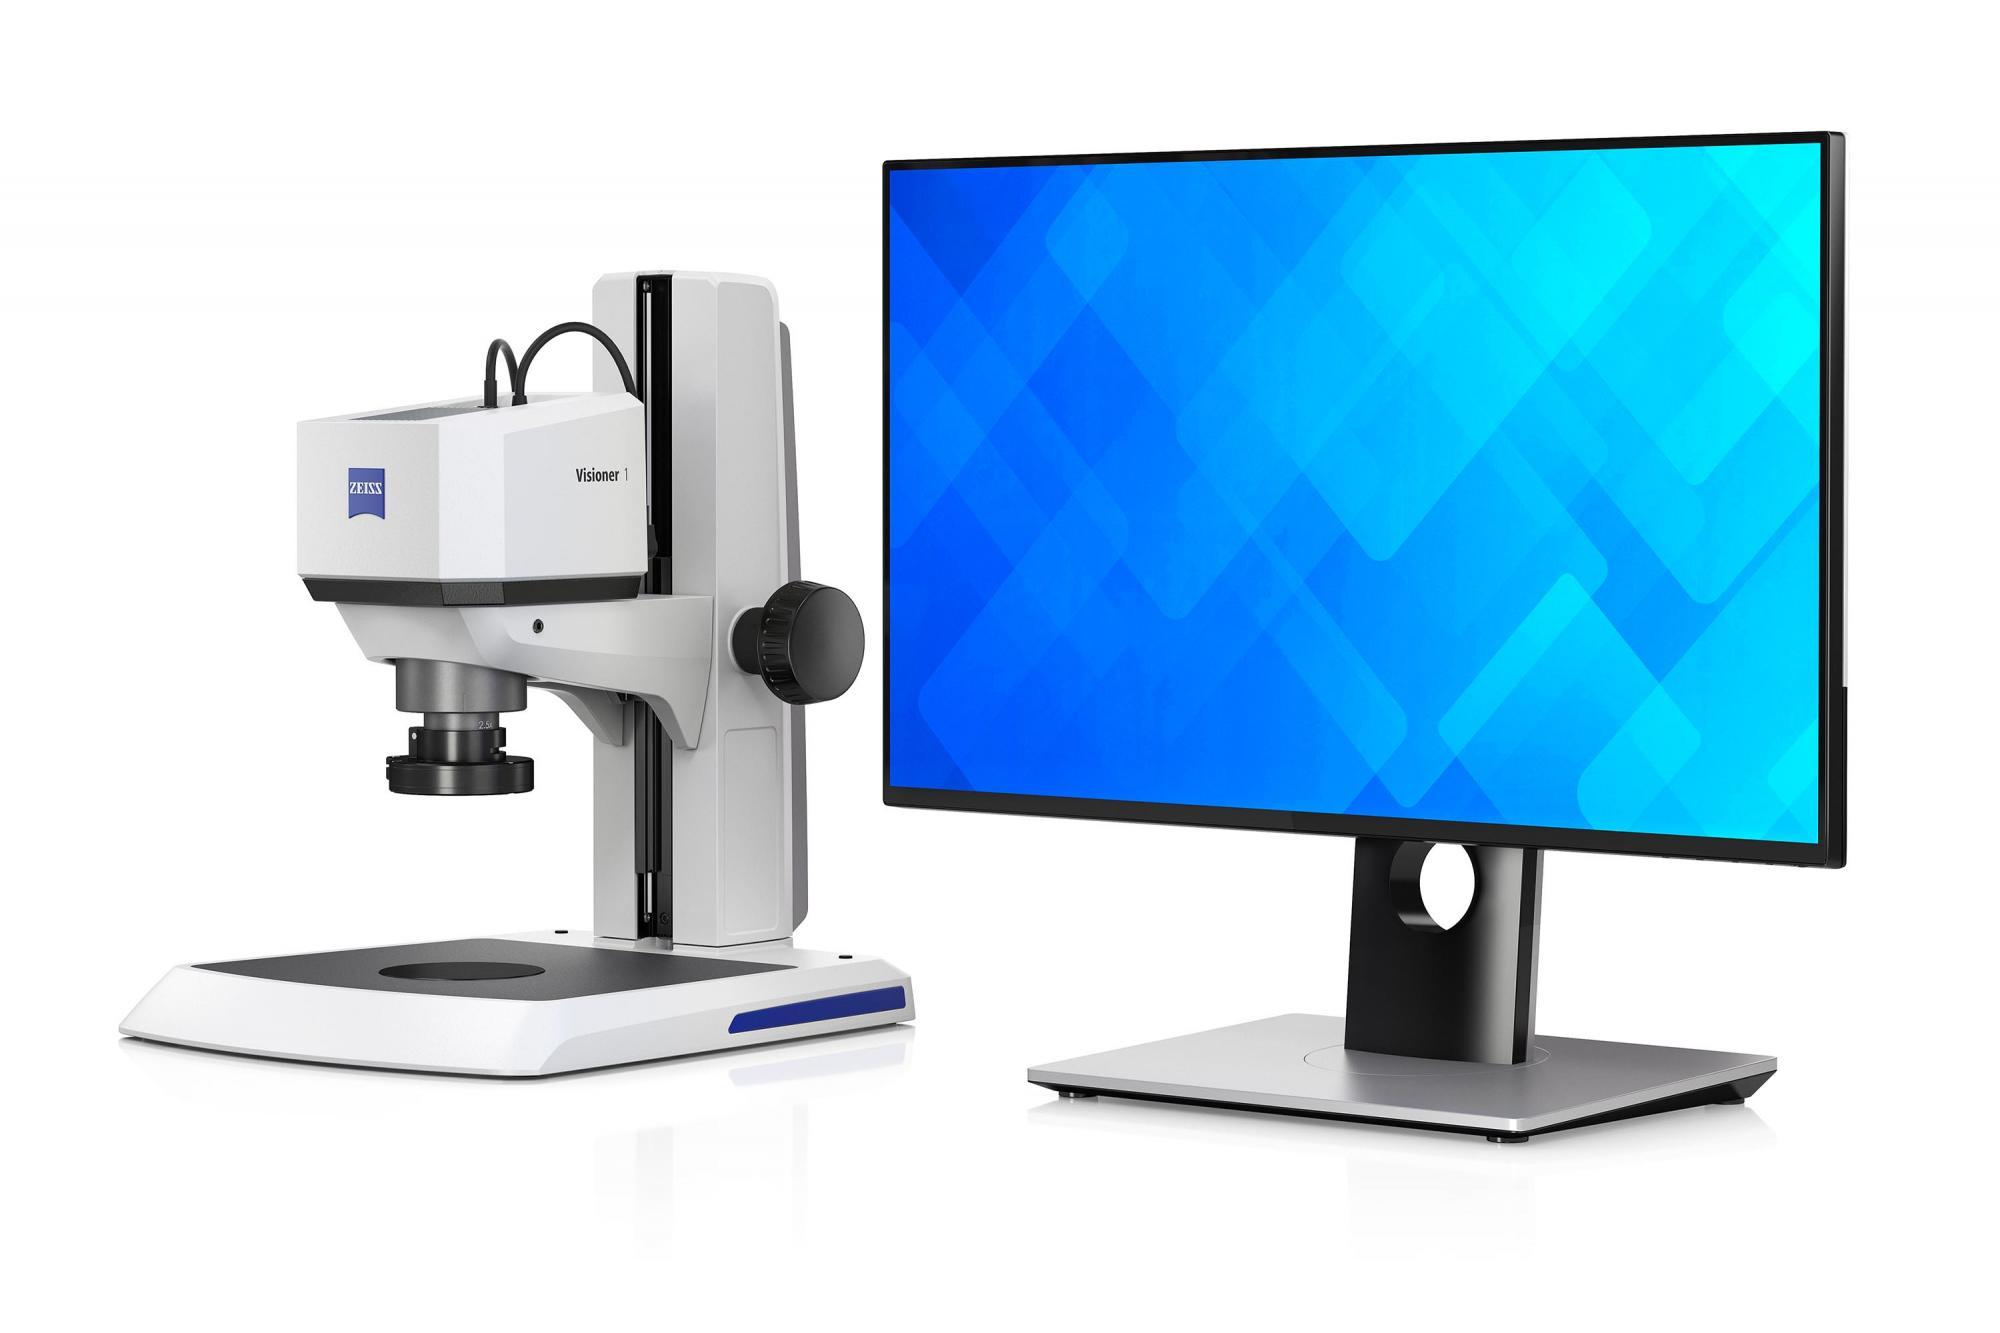 Microscope numérique ZEISS Visioner 1